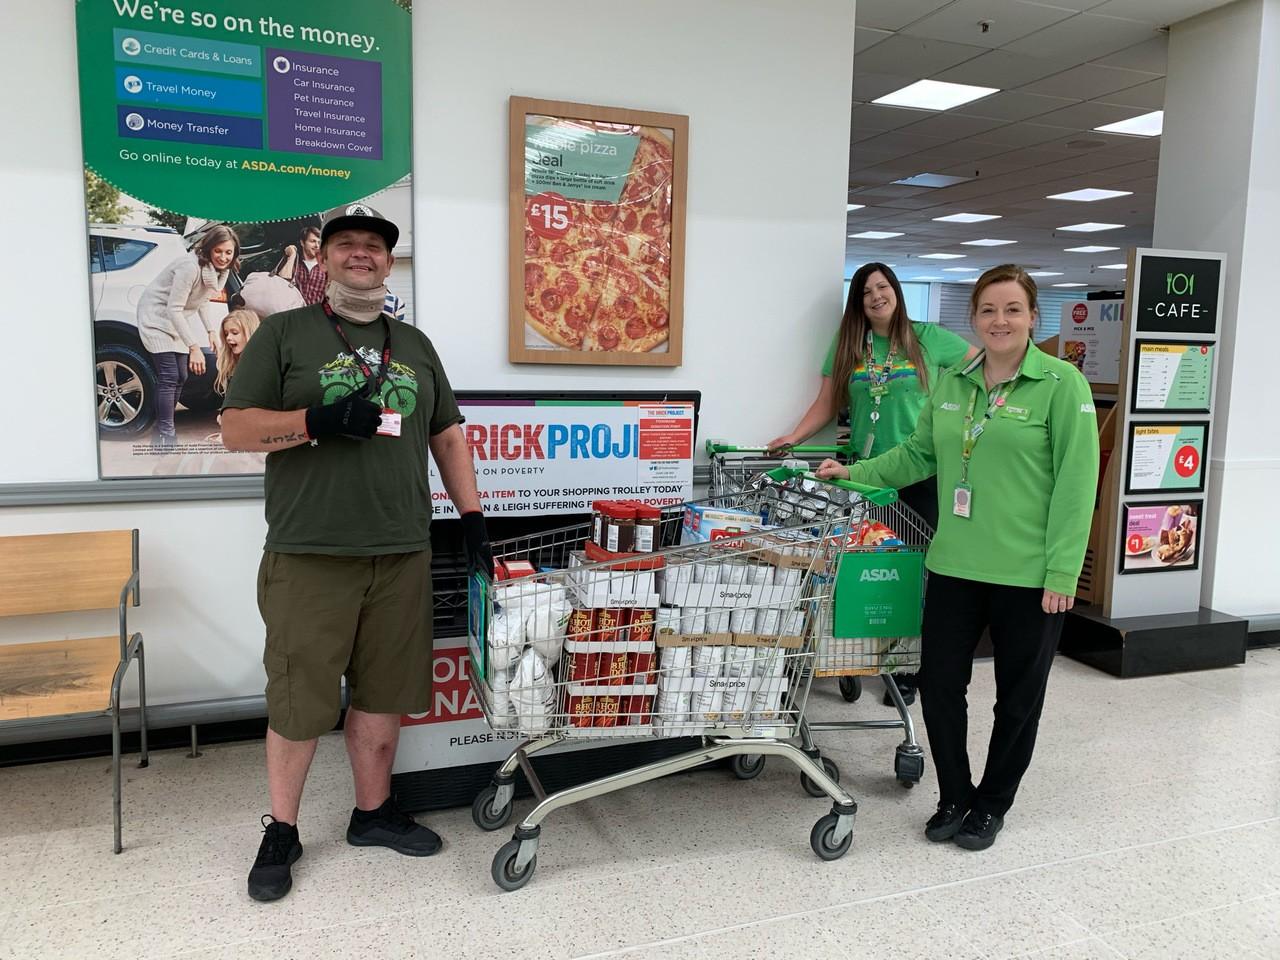 Donation to The Brick food bank | Asda Wigan